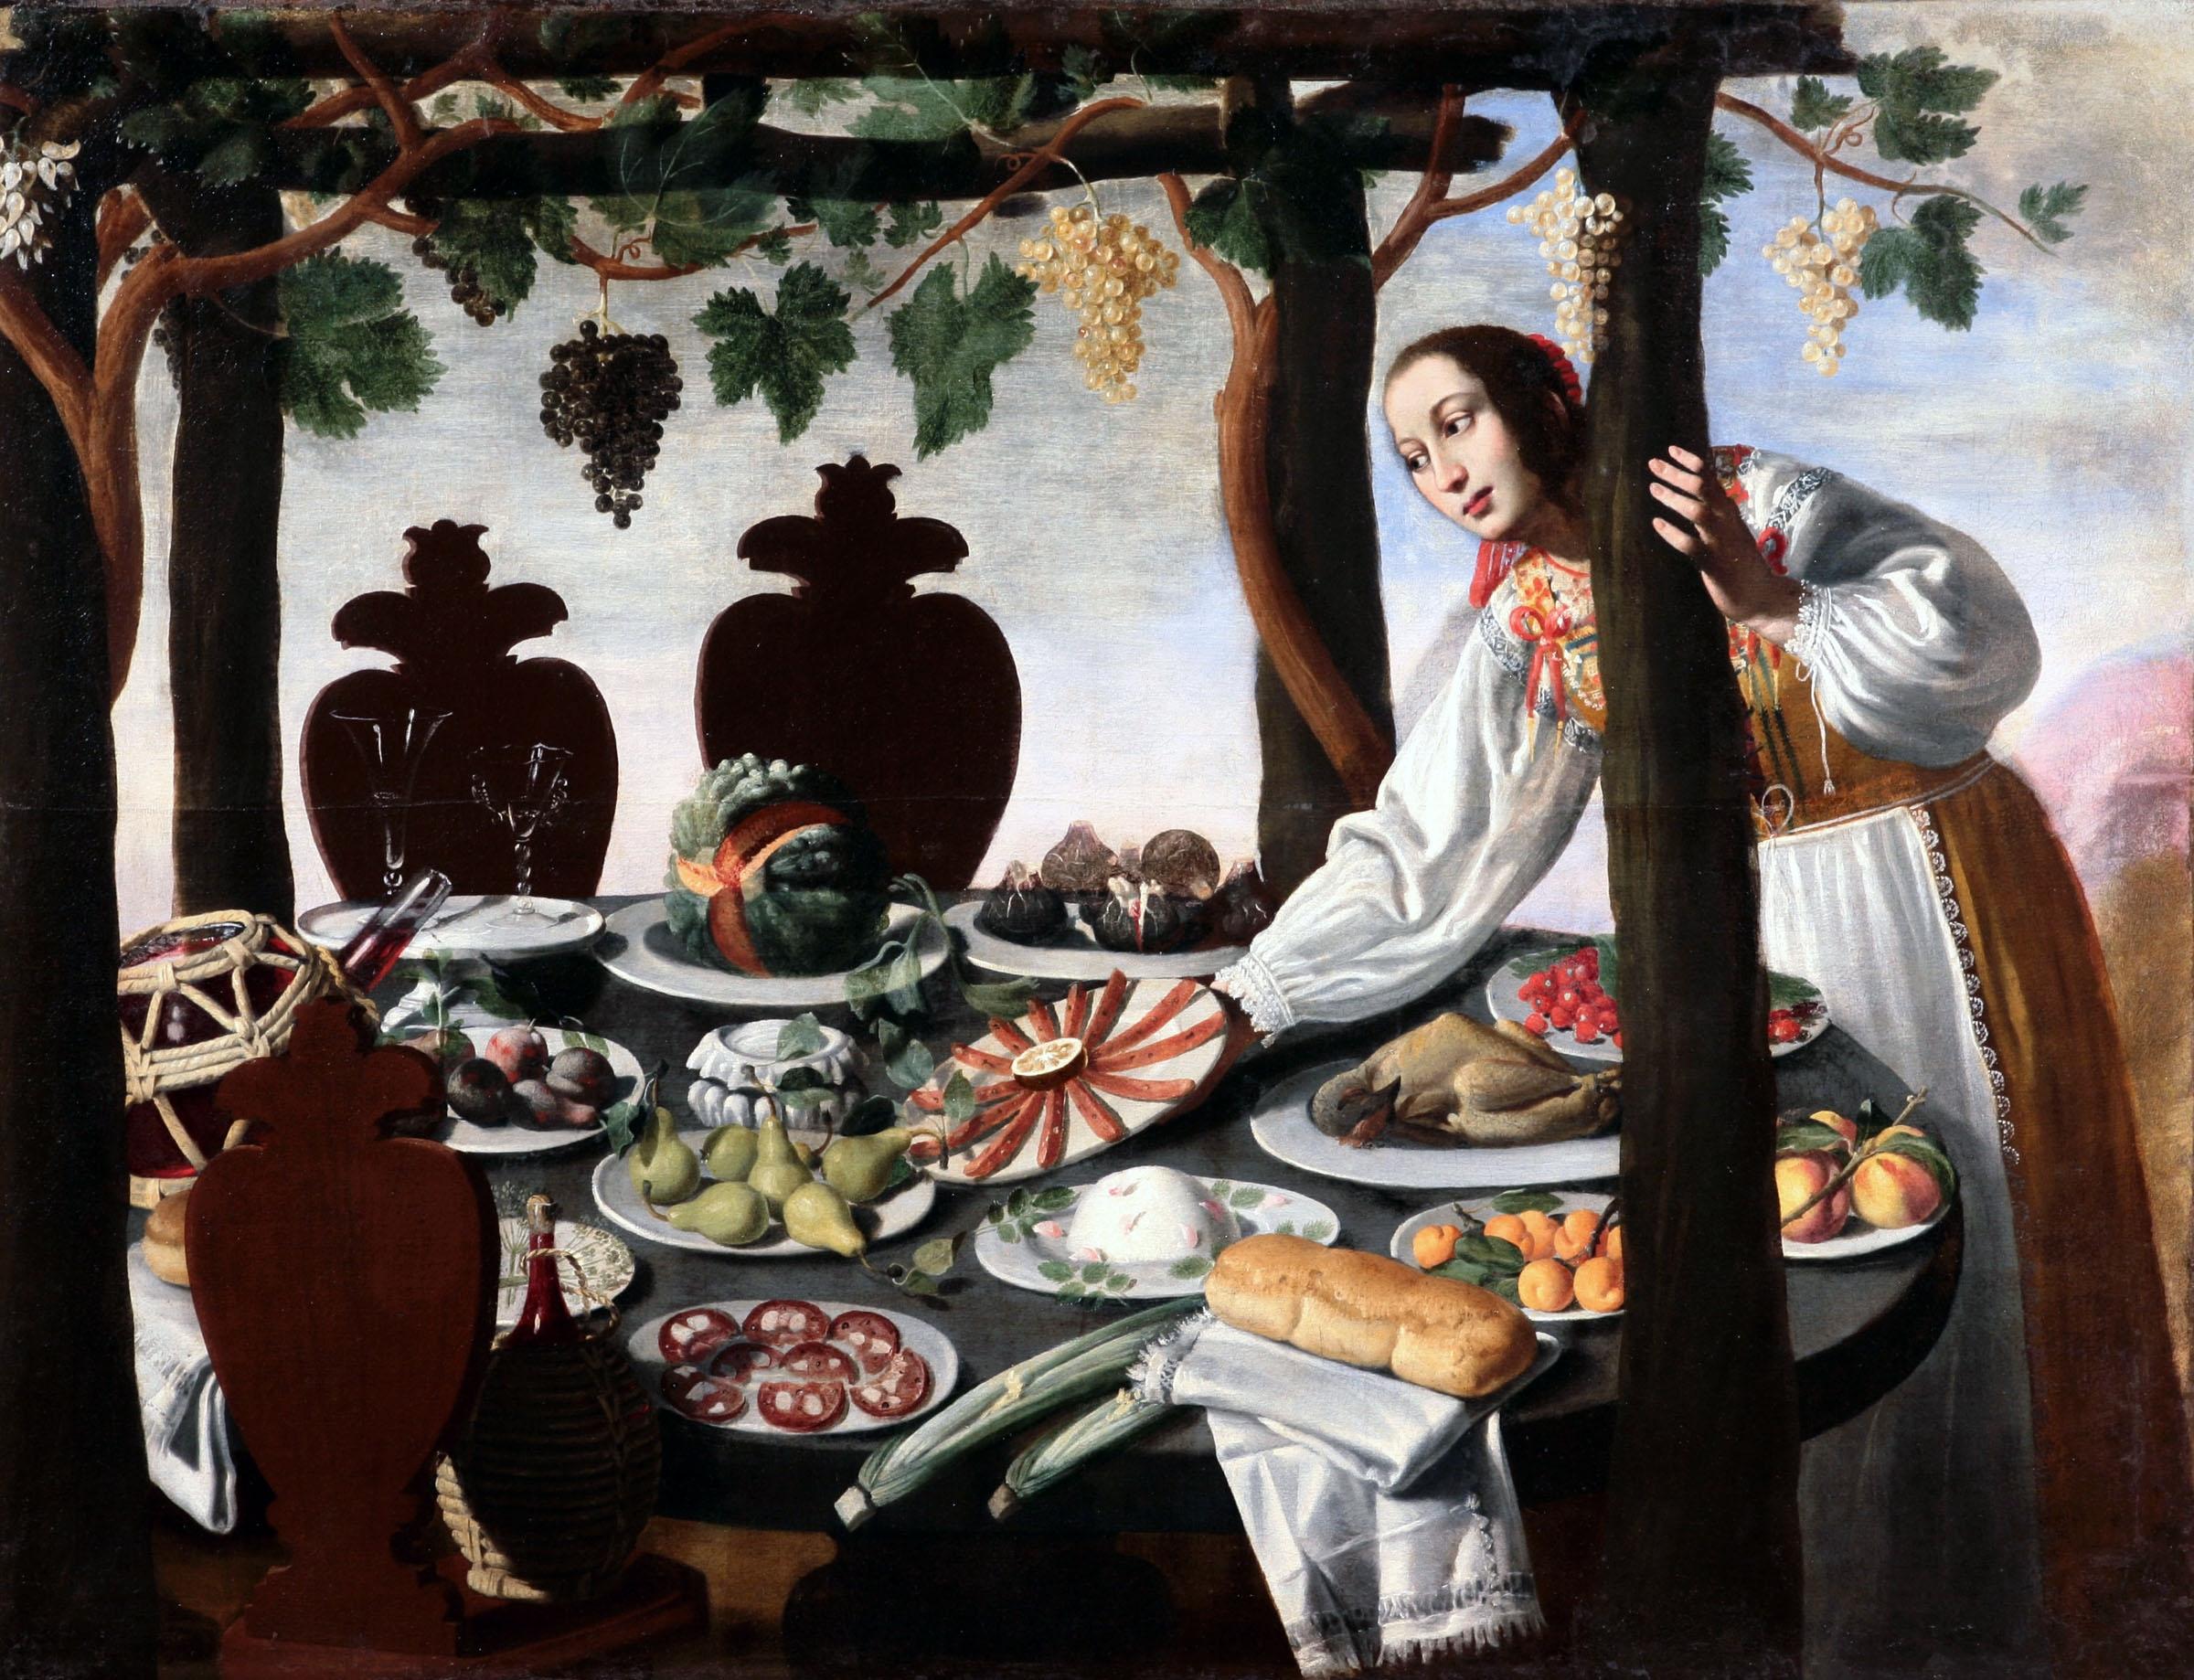 arte e cibo Vegetariano vegano onnivoro 8230 le 100 sfumature del cibo